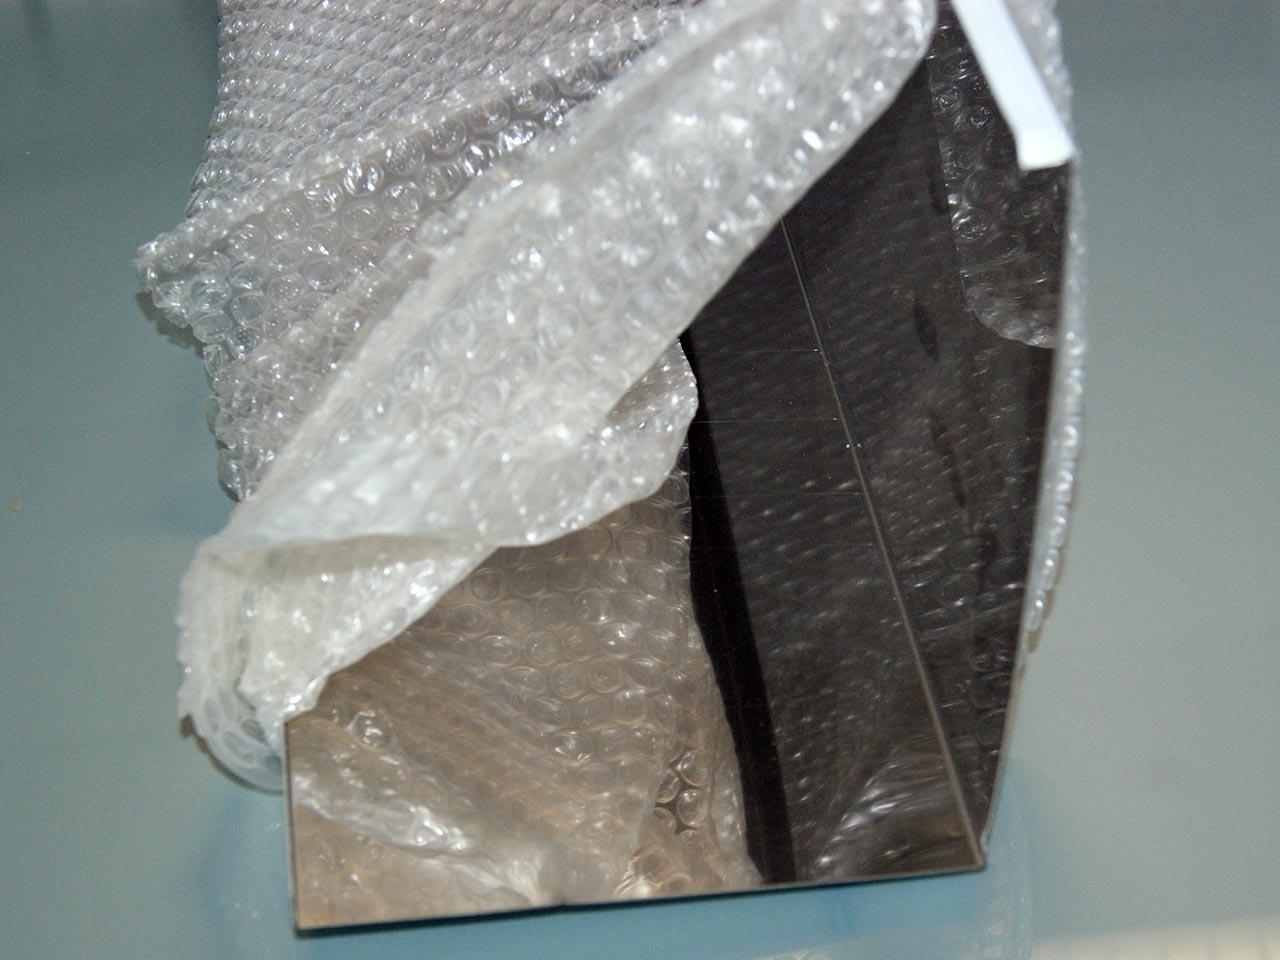 Abluftrohr küche edelstahl. wasserhahn für küche niederdruck